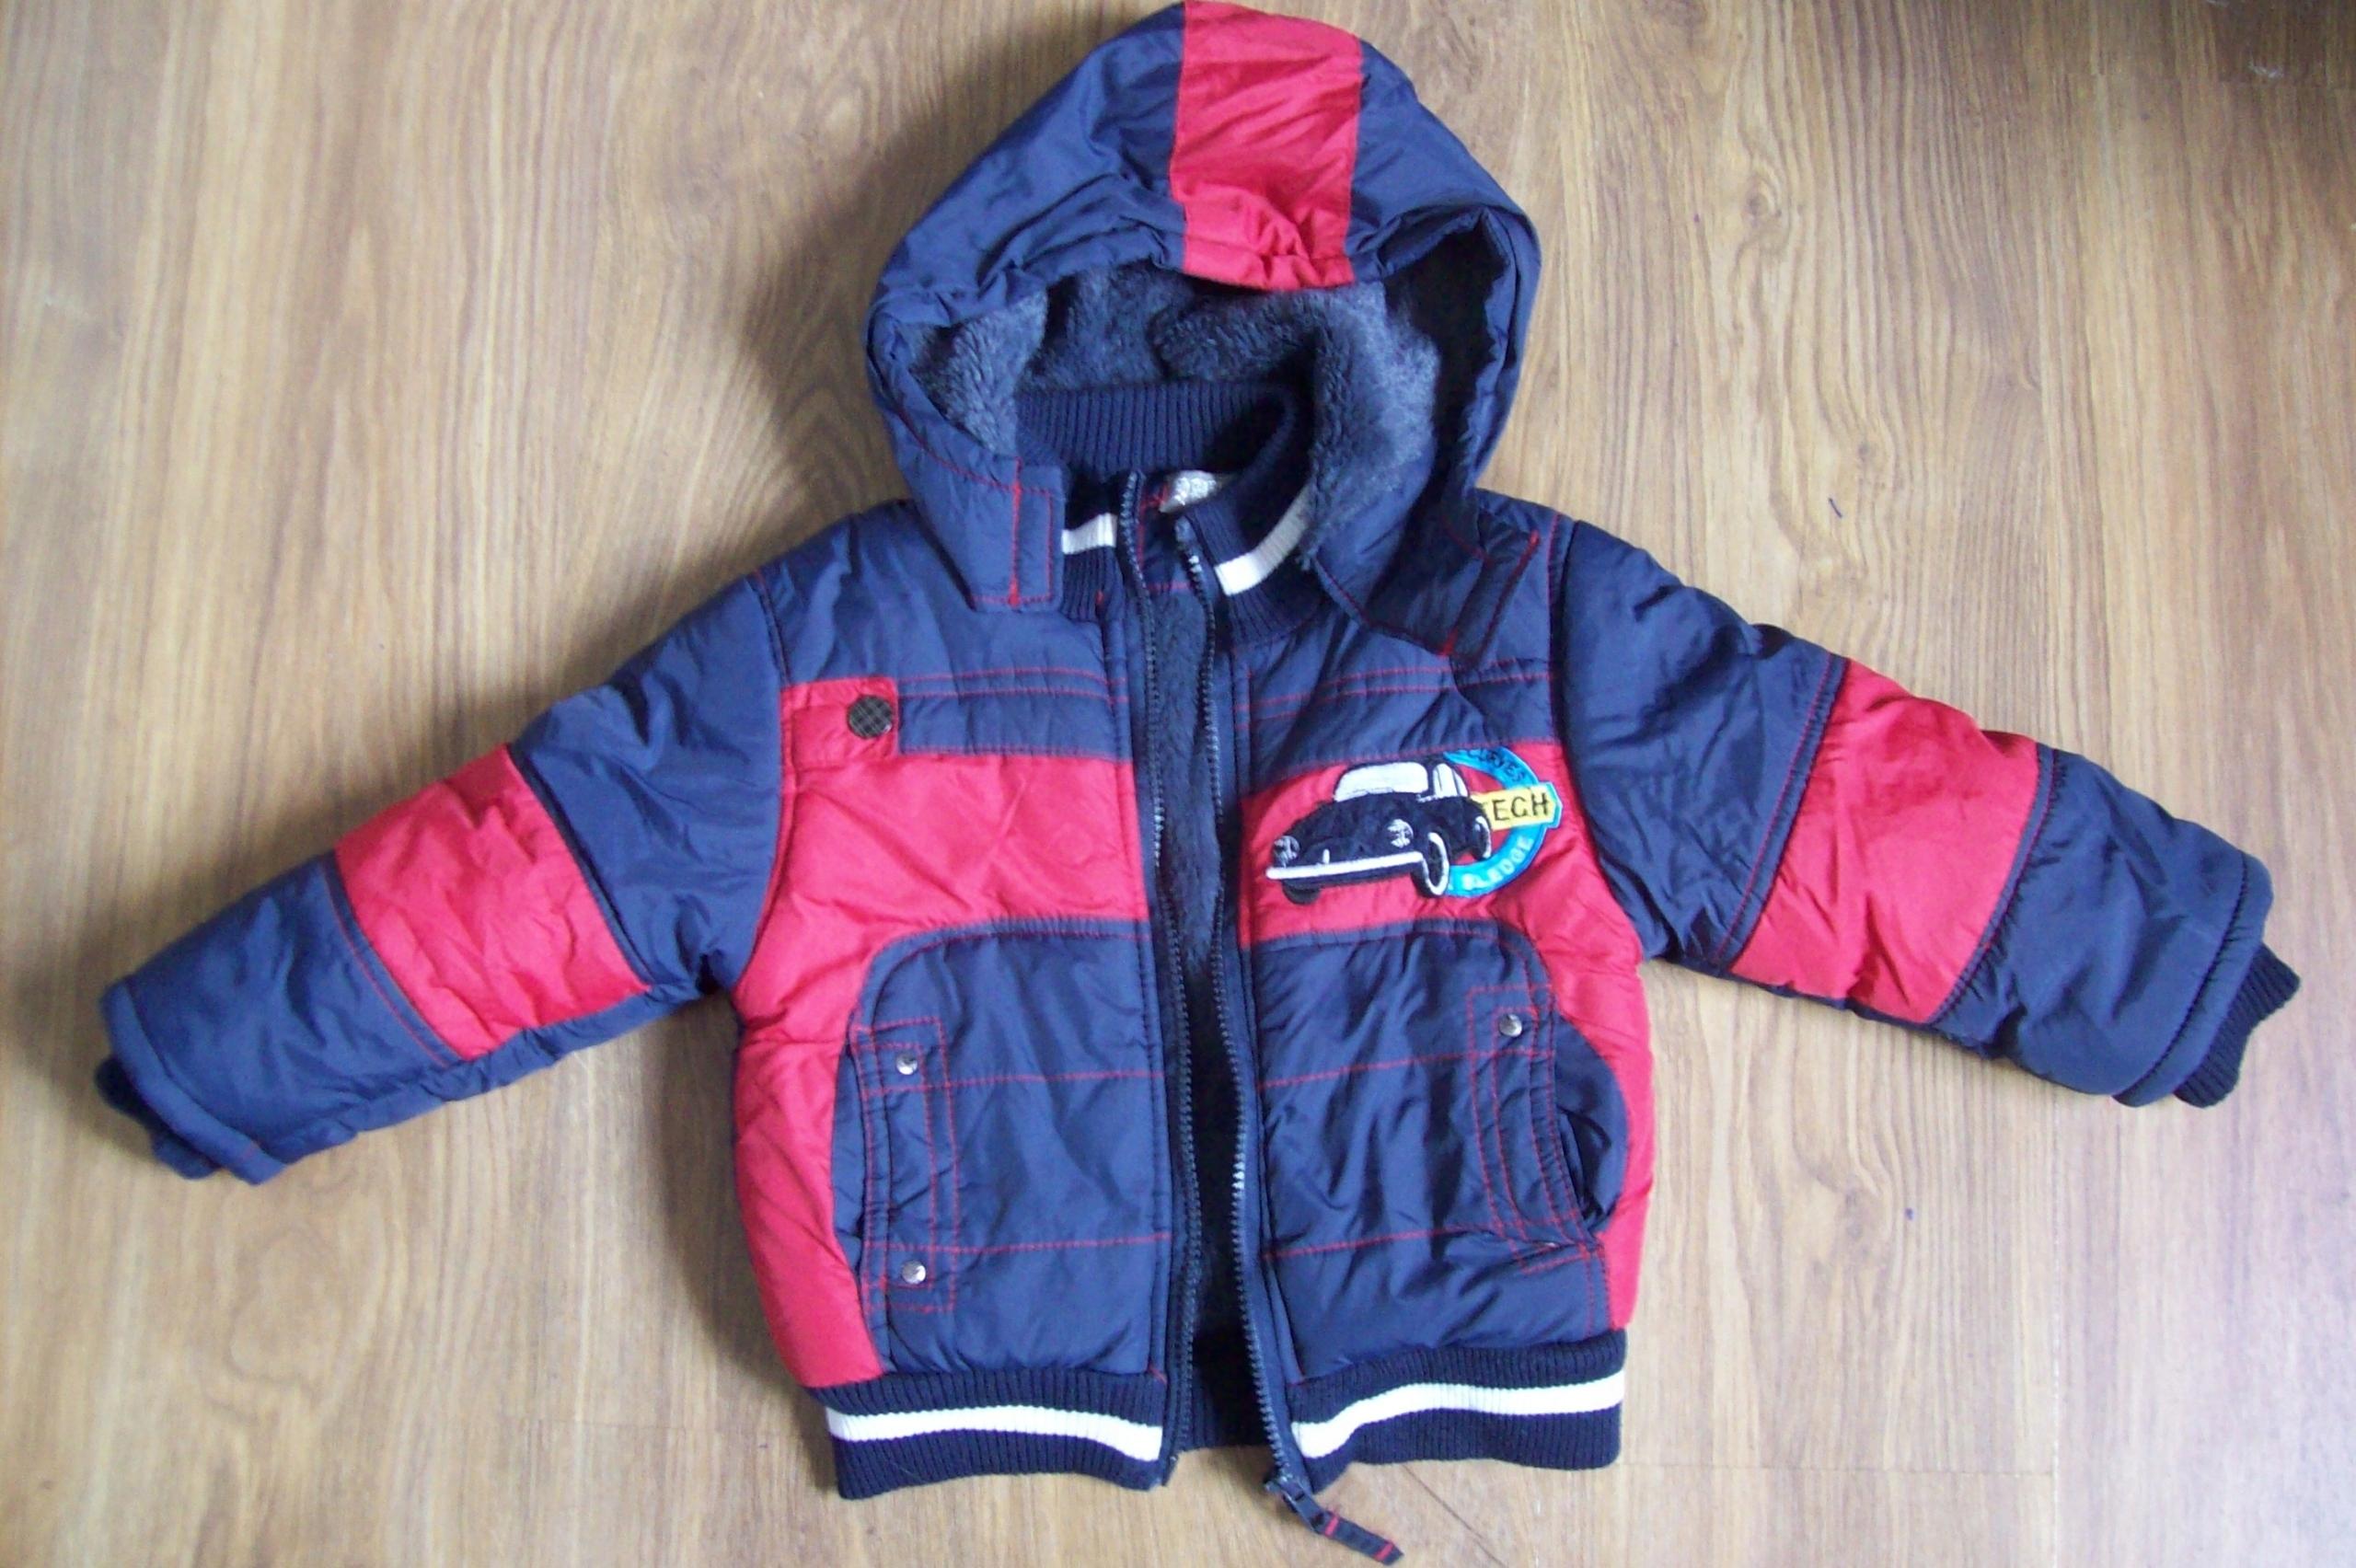 b8d3f1e52ceaf Kurtka zimowa dziecko 2 lata r. 86 - 7506311024 - oficjalne archiwum ...